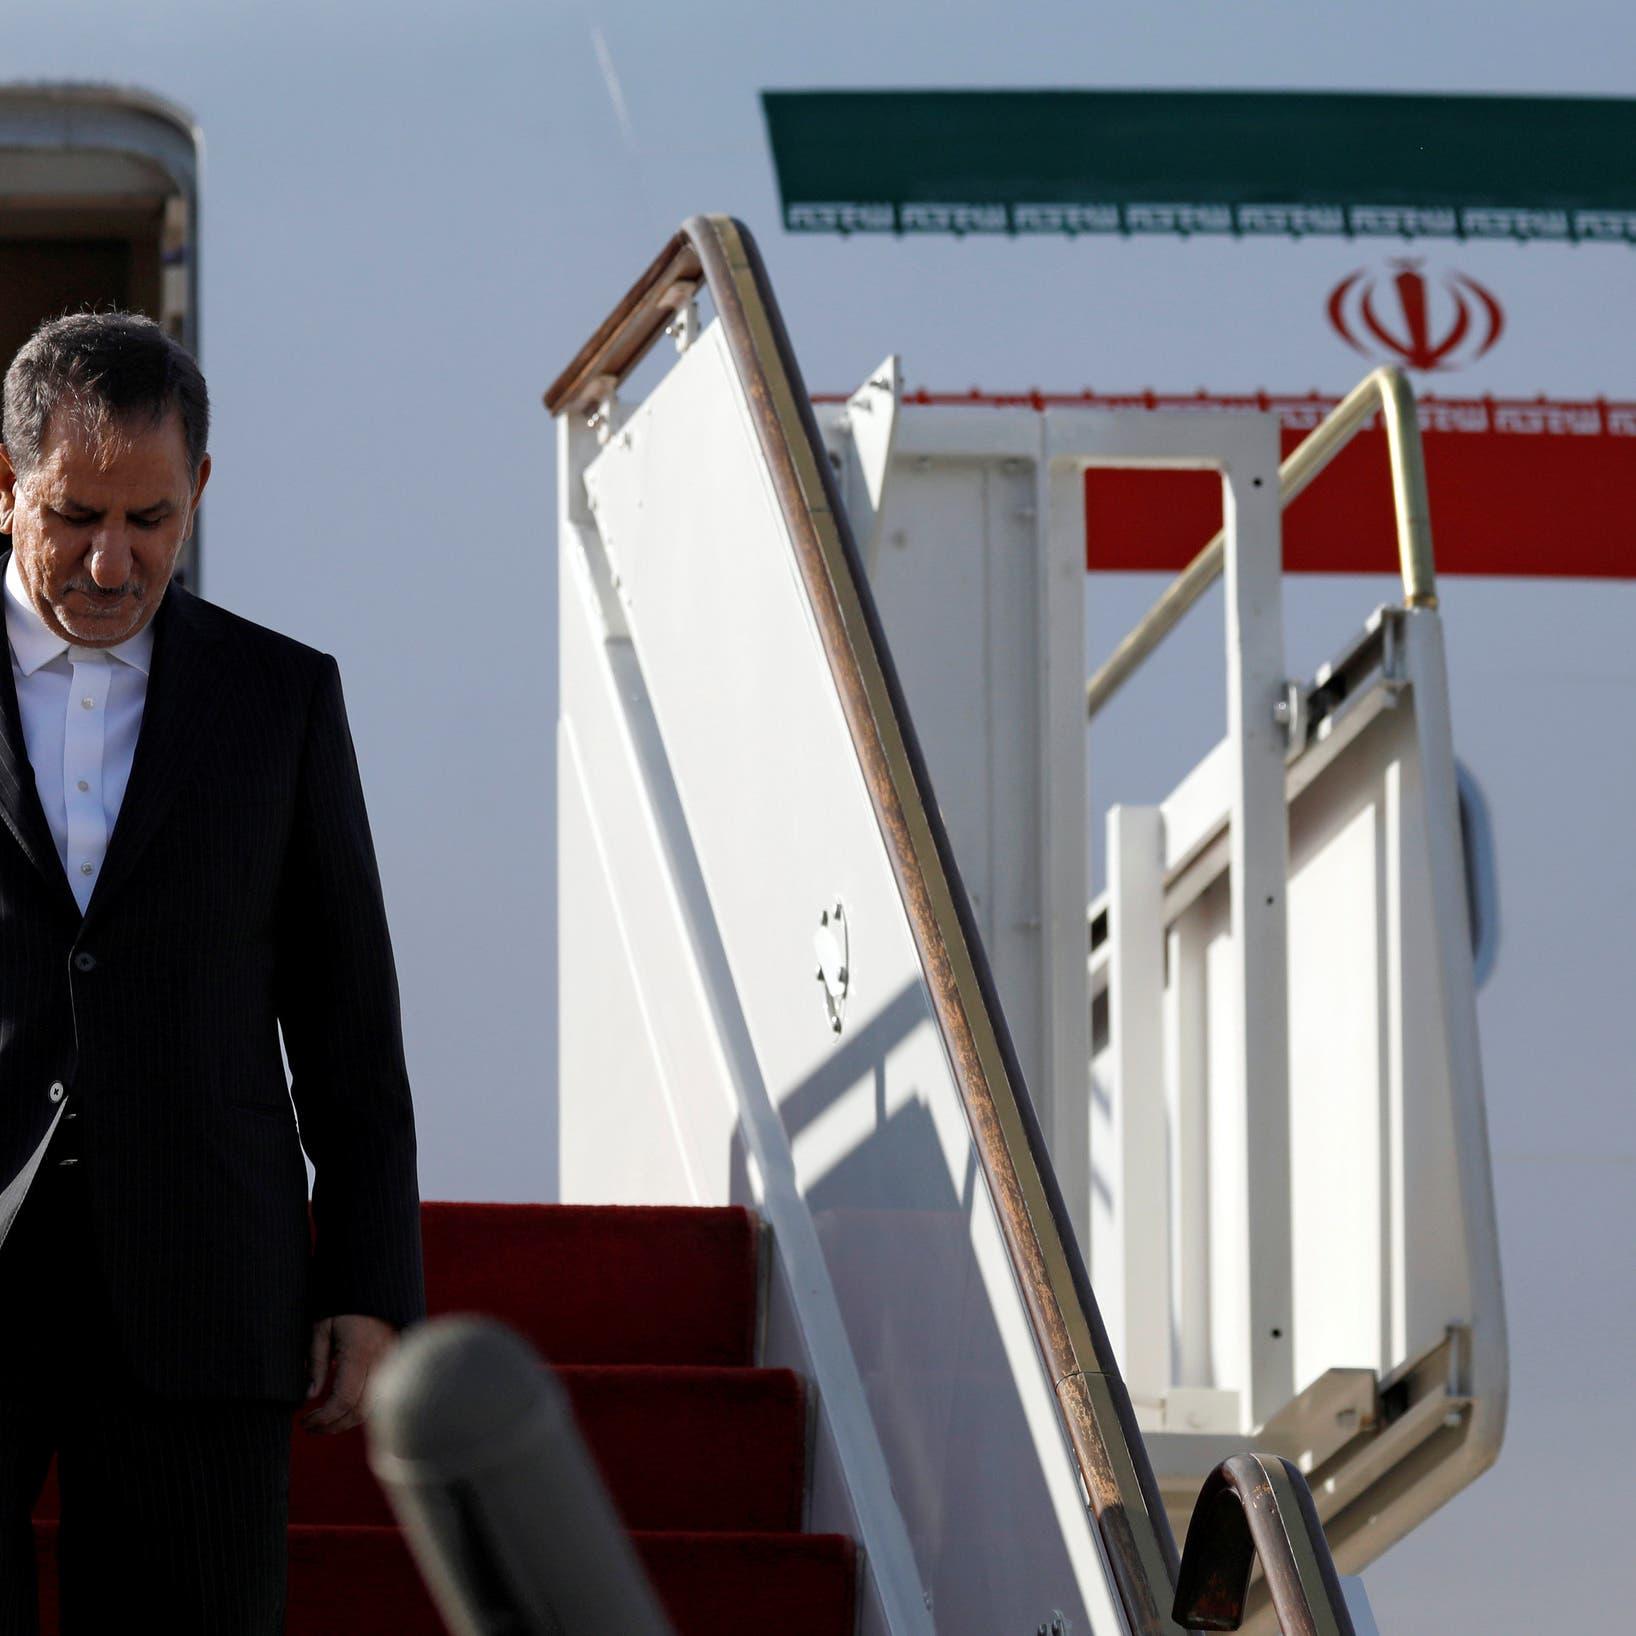 طهران تقر بسبل التحايل على عقوبات أميركا: مستمرون ببيع النفط!